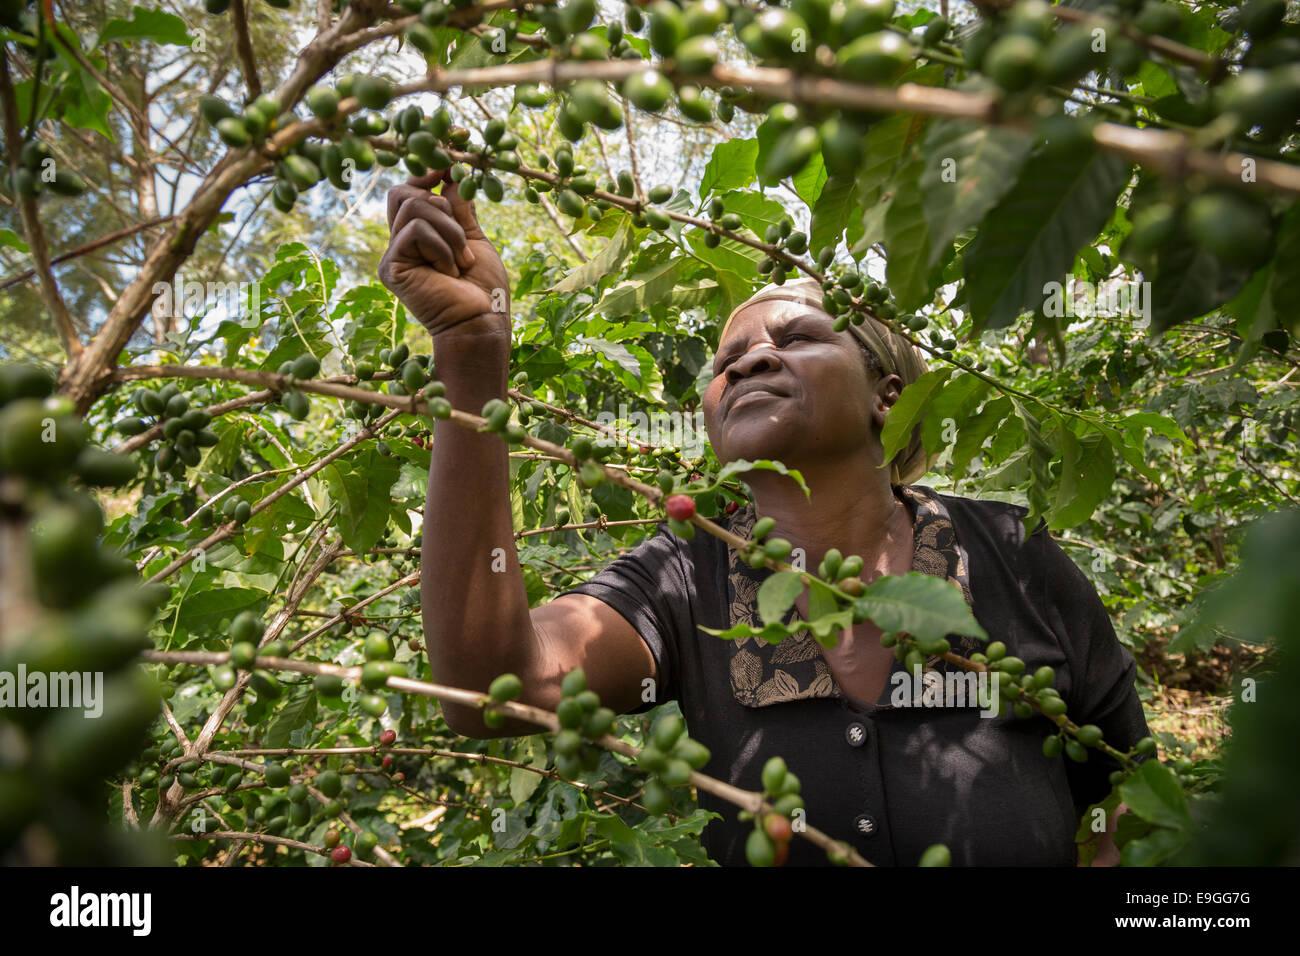 Un pequeño agricultor recoge las cerezas de café en su campo. Imagen De Stock